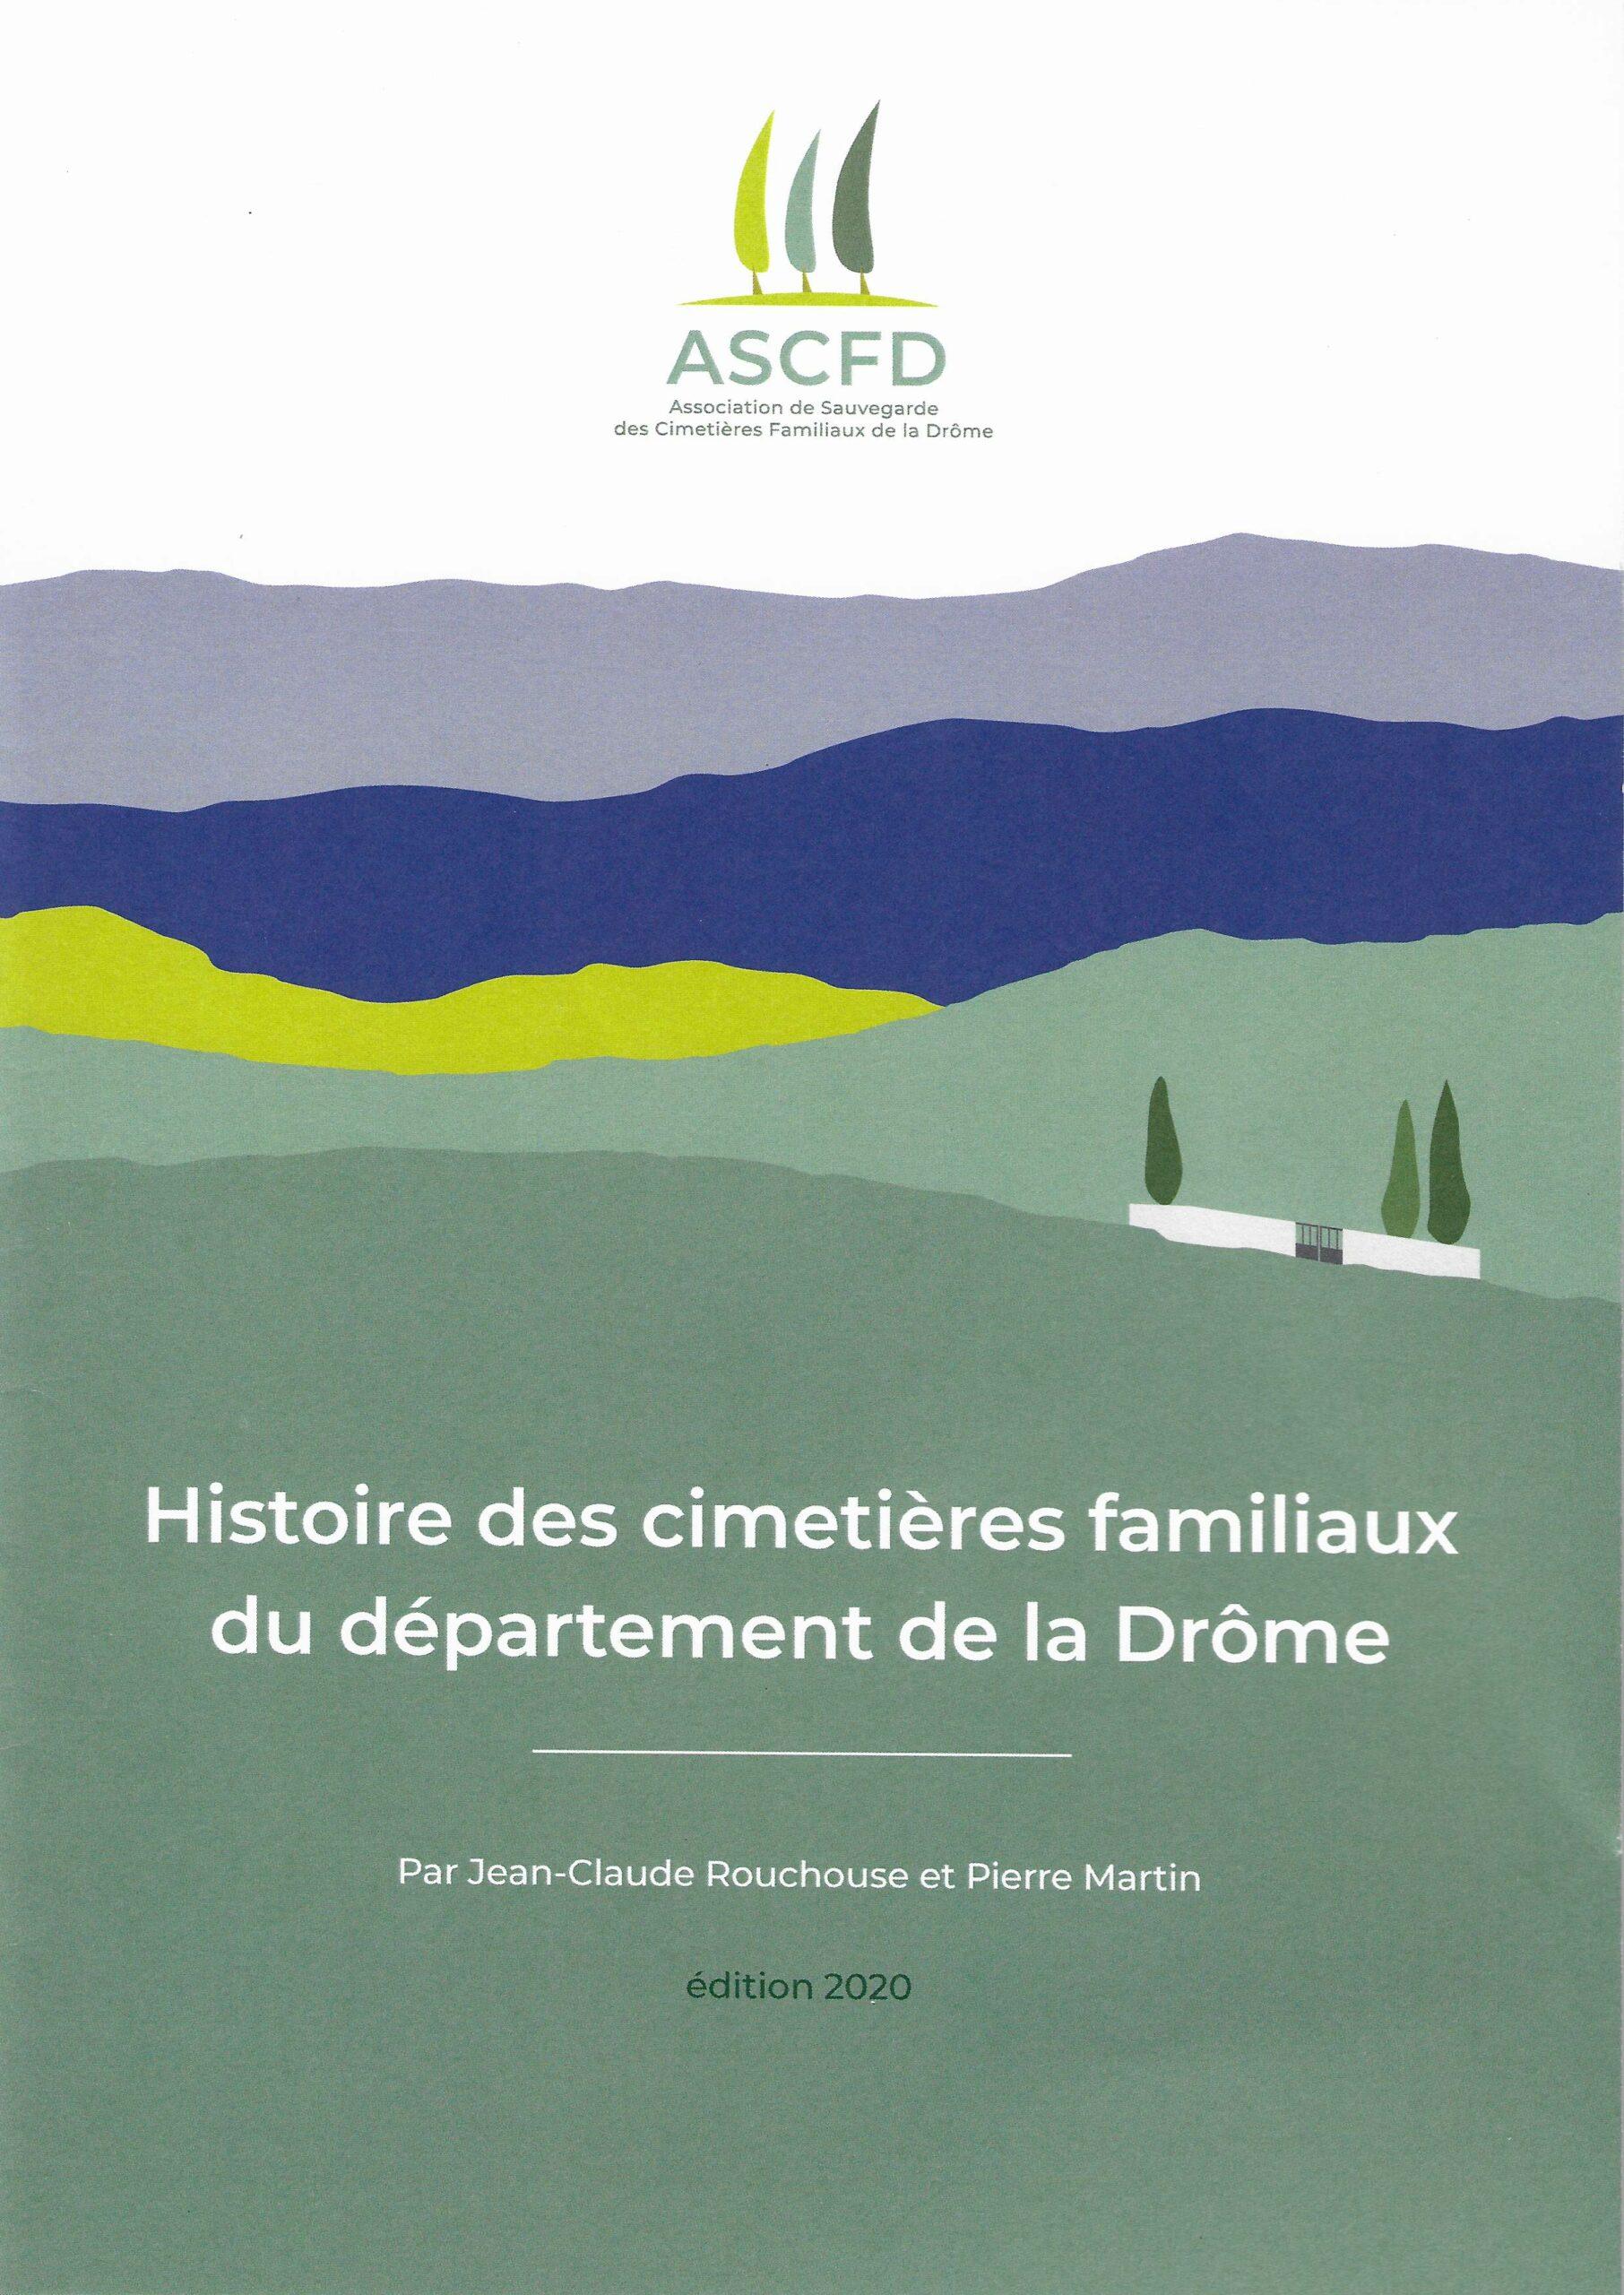 Histoire des cimetières familiaux du département de la Drôme